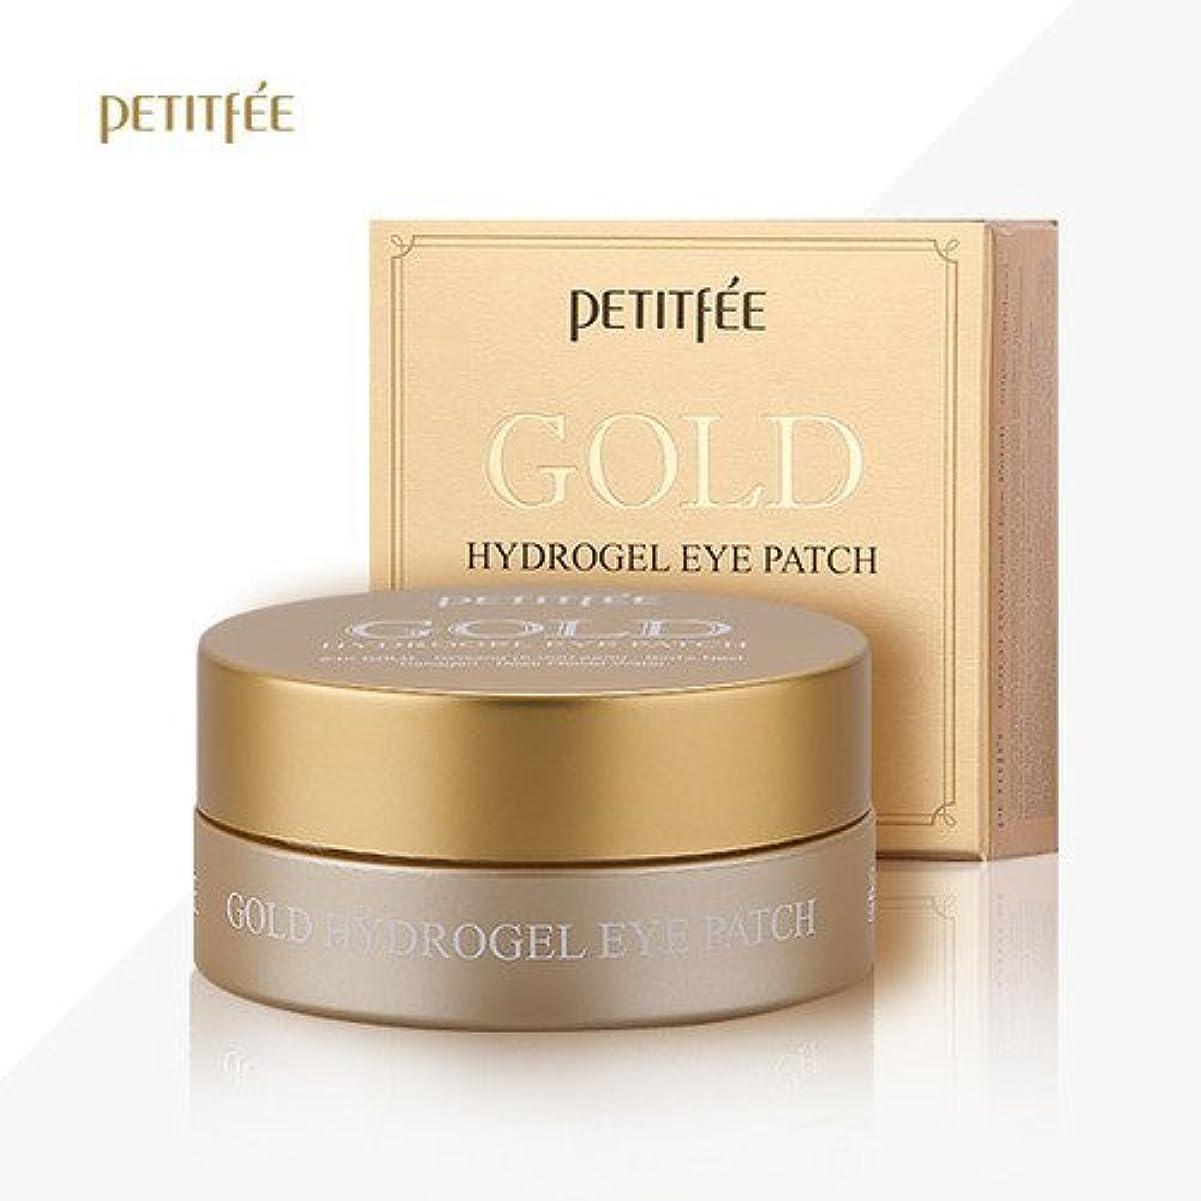 現代反毒マトンPETITFEE(プチペ)ゴールドハイドロゲルアイパチ(60枚)/ Petitfee Gold Hydrogel Eye Patch (60Sheets) [並行輸入品]